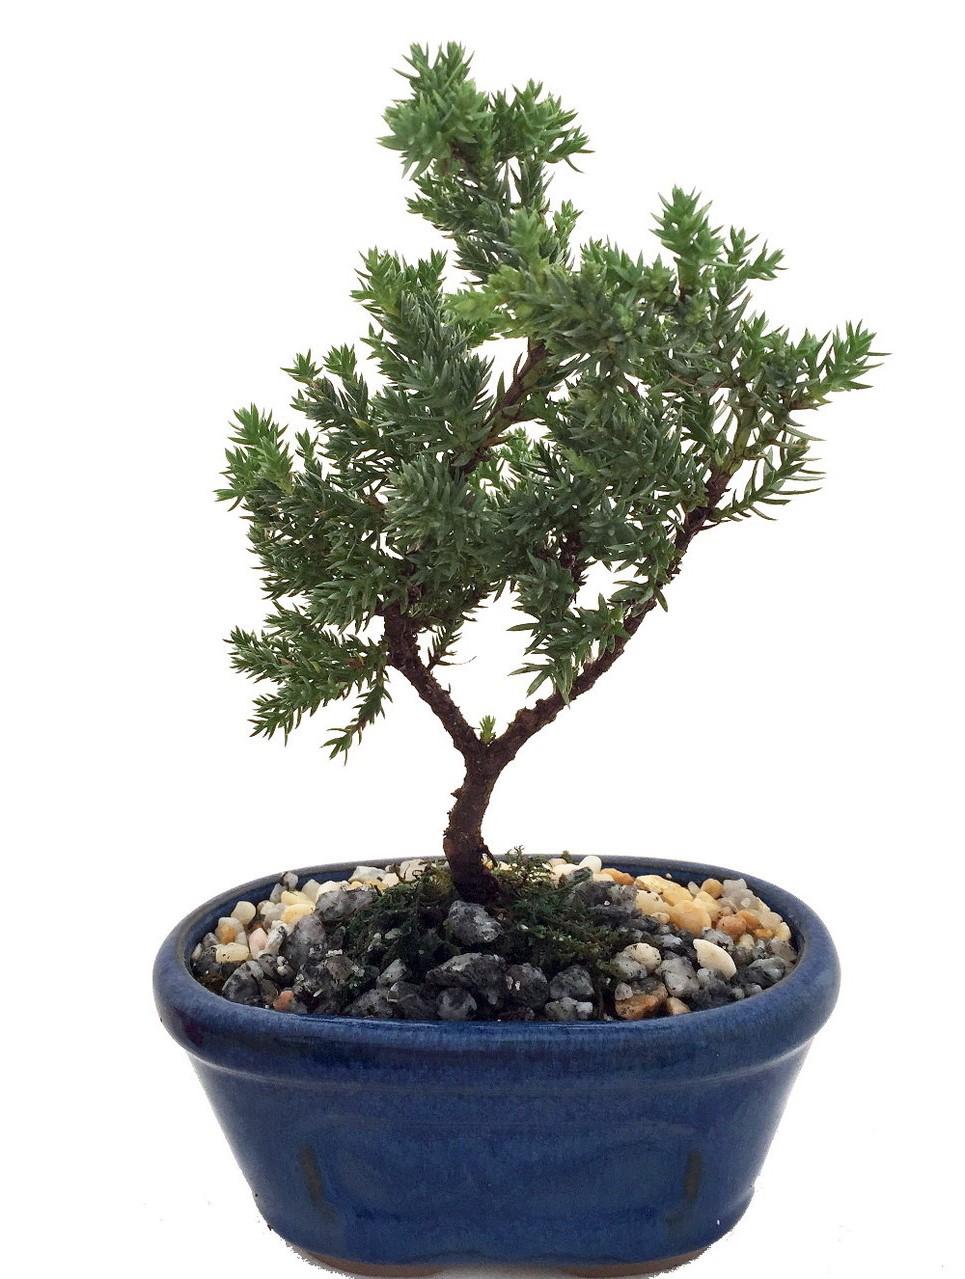 Les plantes doivent être contrôlées et souvent arrosées tous les jours, ce qui rend le prix d'un bonsaï si élevé.